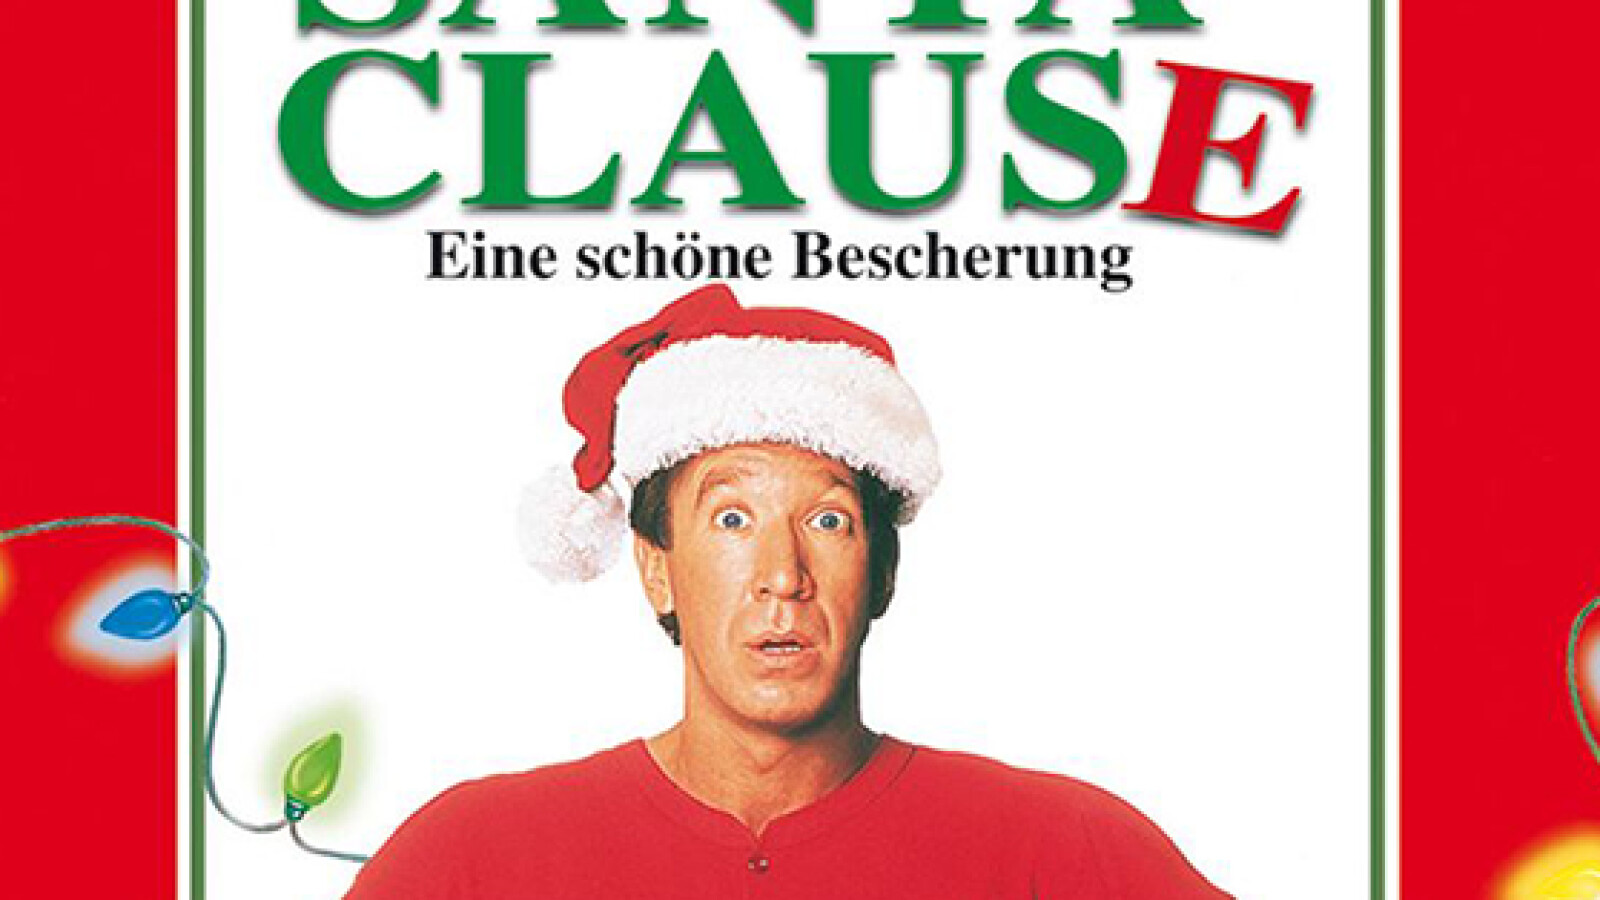 Santa Claus Schöne Bescherung